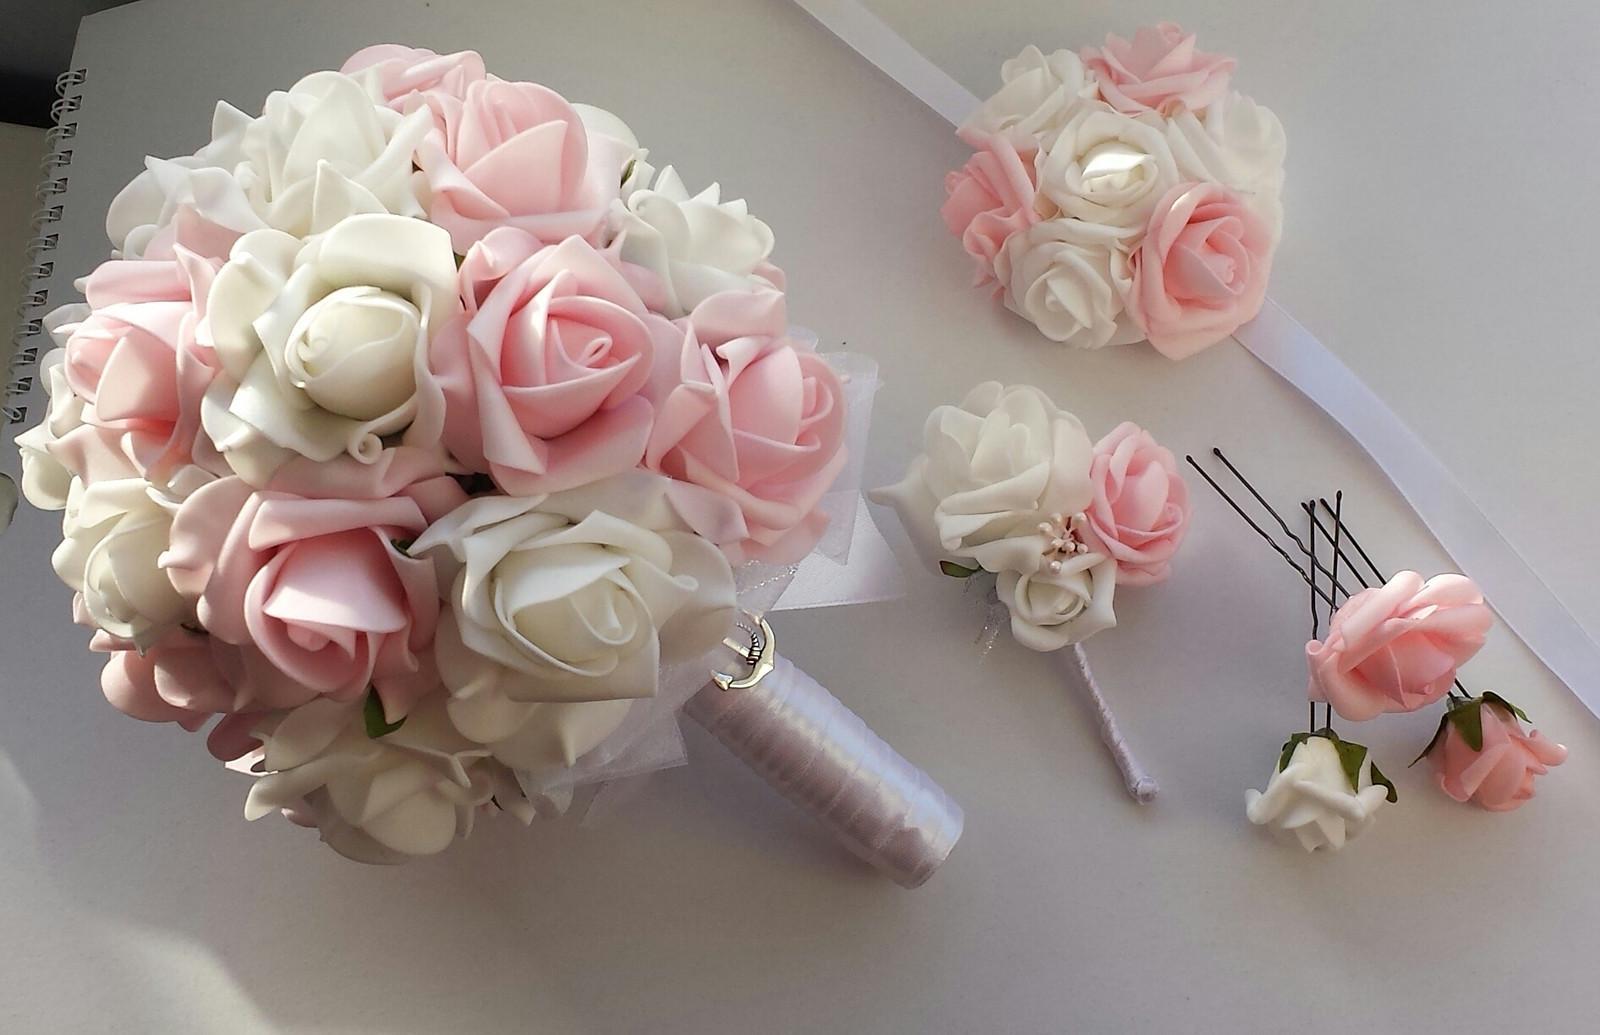 Kvetina v barvě růžovobílé - Obrázek č. 1